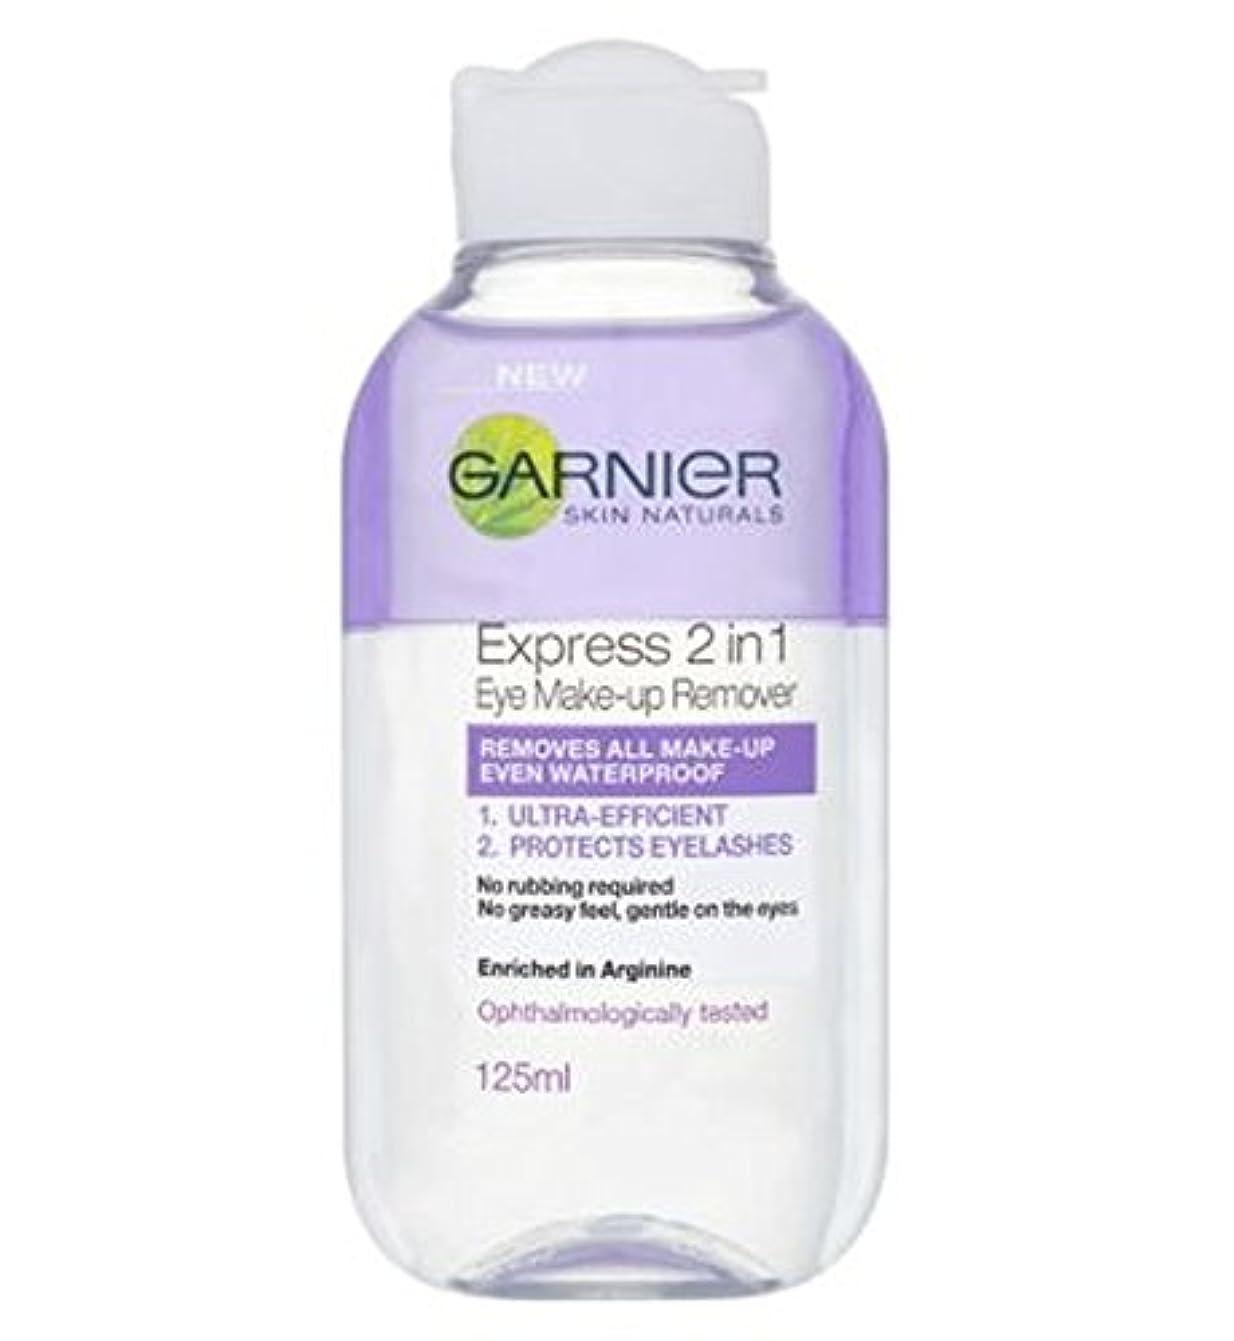 体操選手他の場所慣習Garnier Express 2in1 eye make up remover 125ml - ガルニエ急行の2In1の目は、リムーバー125ミリリットルを作ります (Garnier) [並行輸入品]